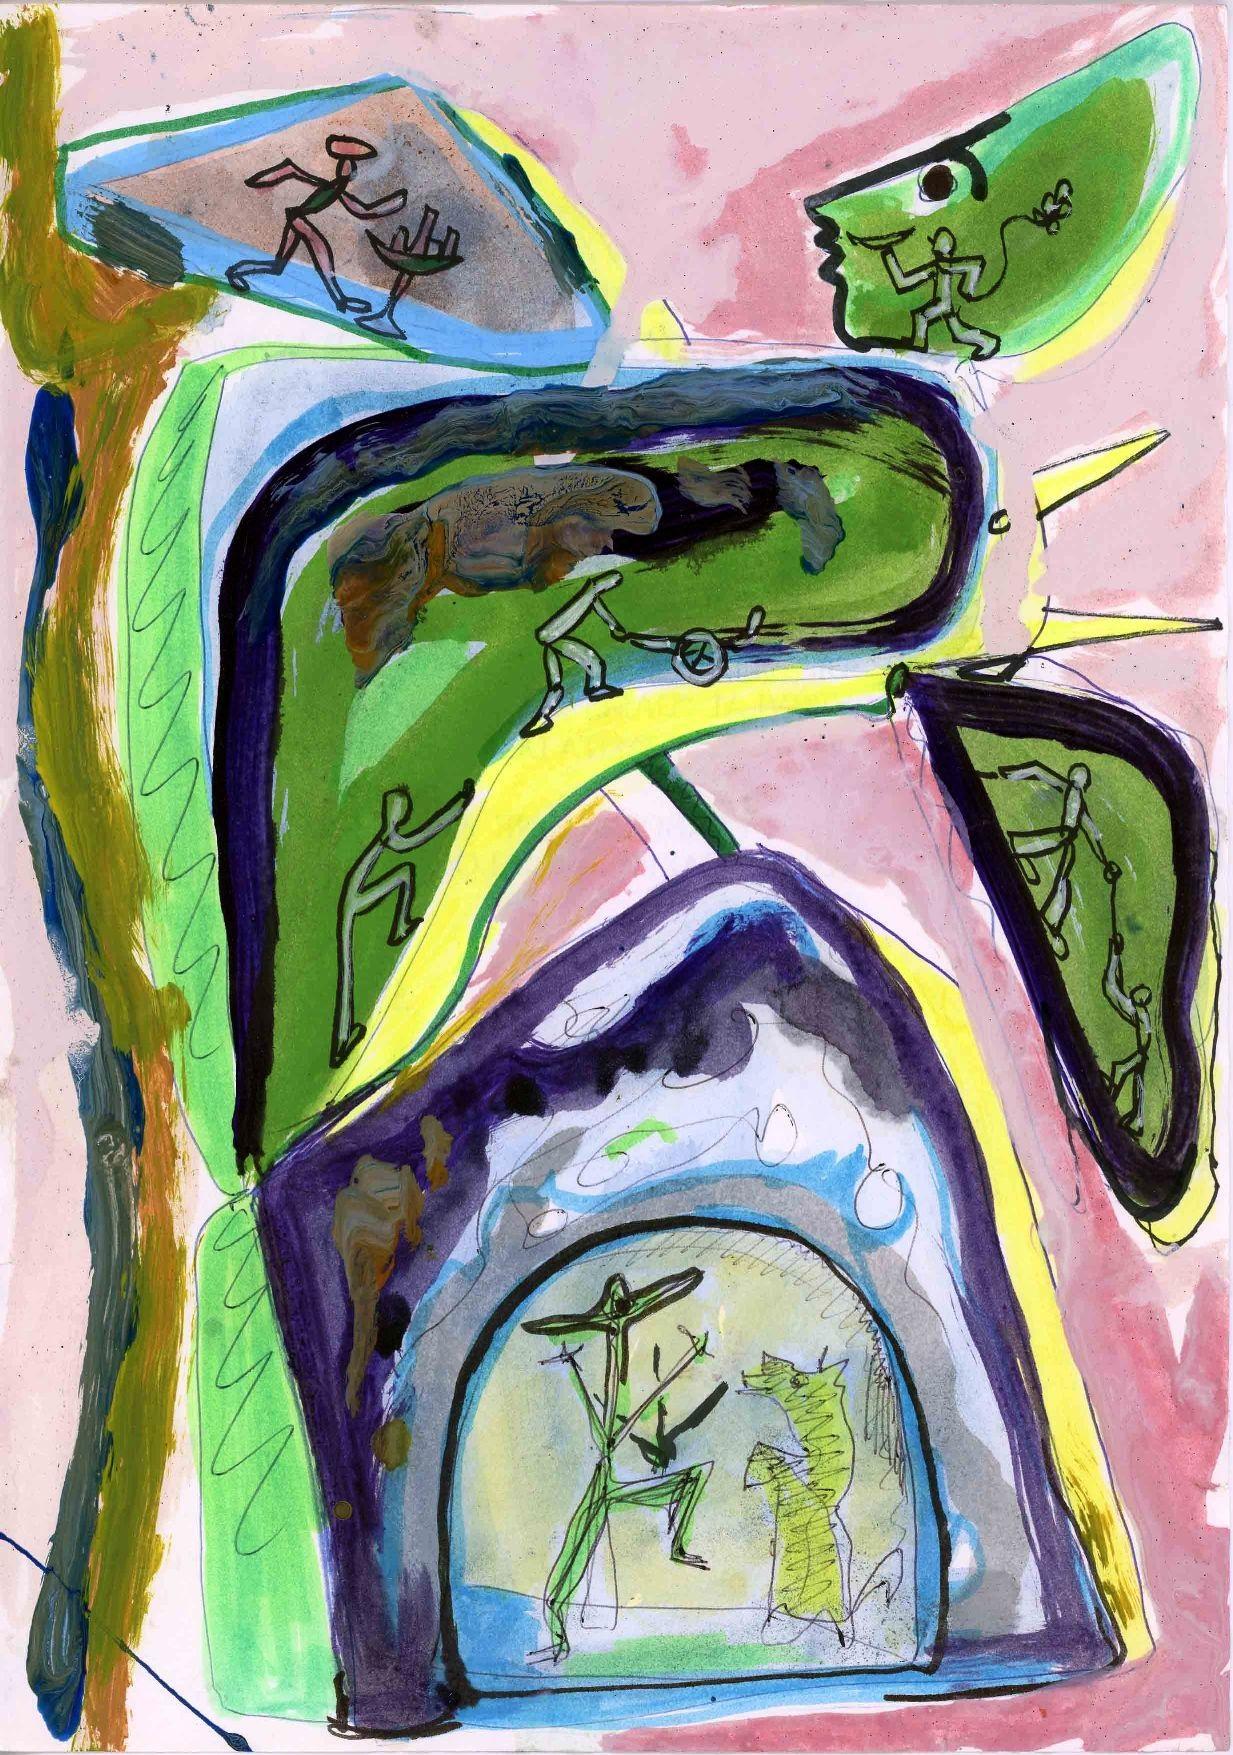 Senza titolo, tecnica mista su carta, 2001, 29,5 x 21cm